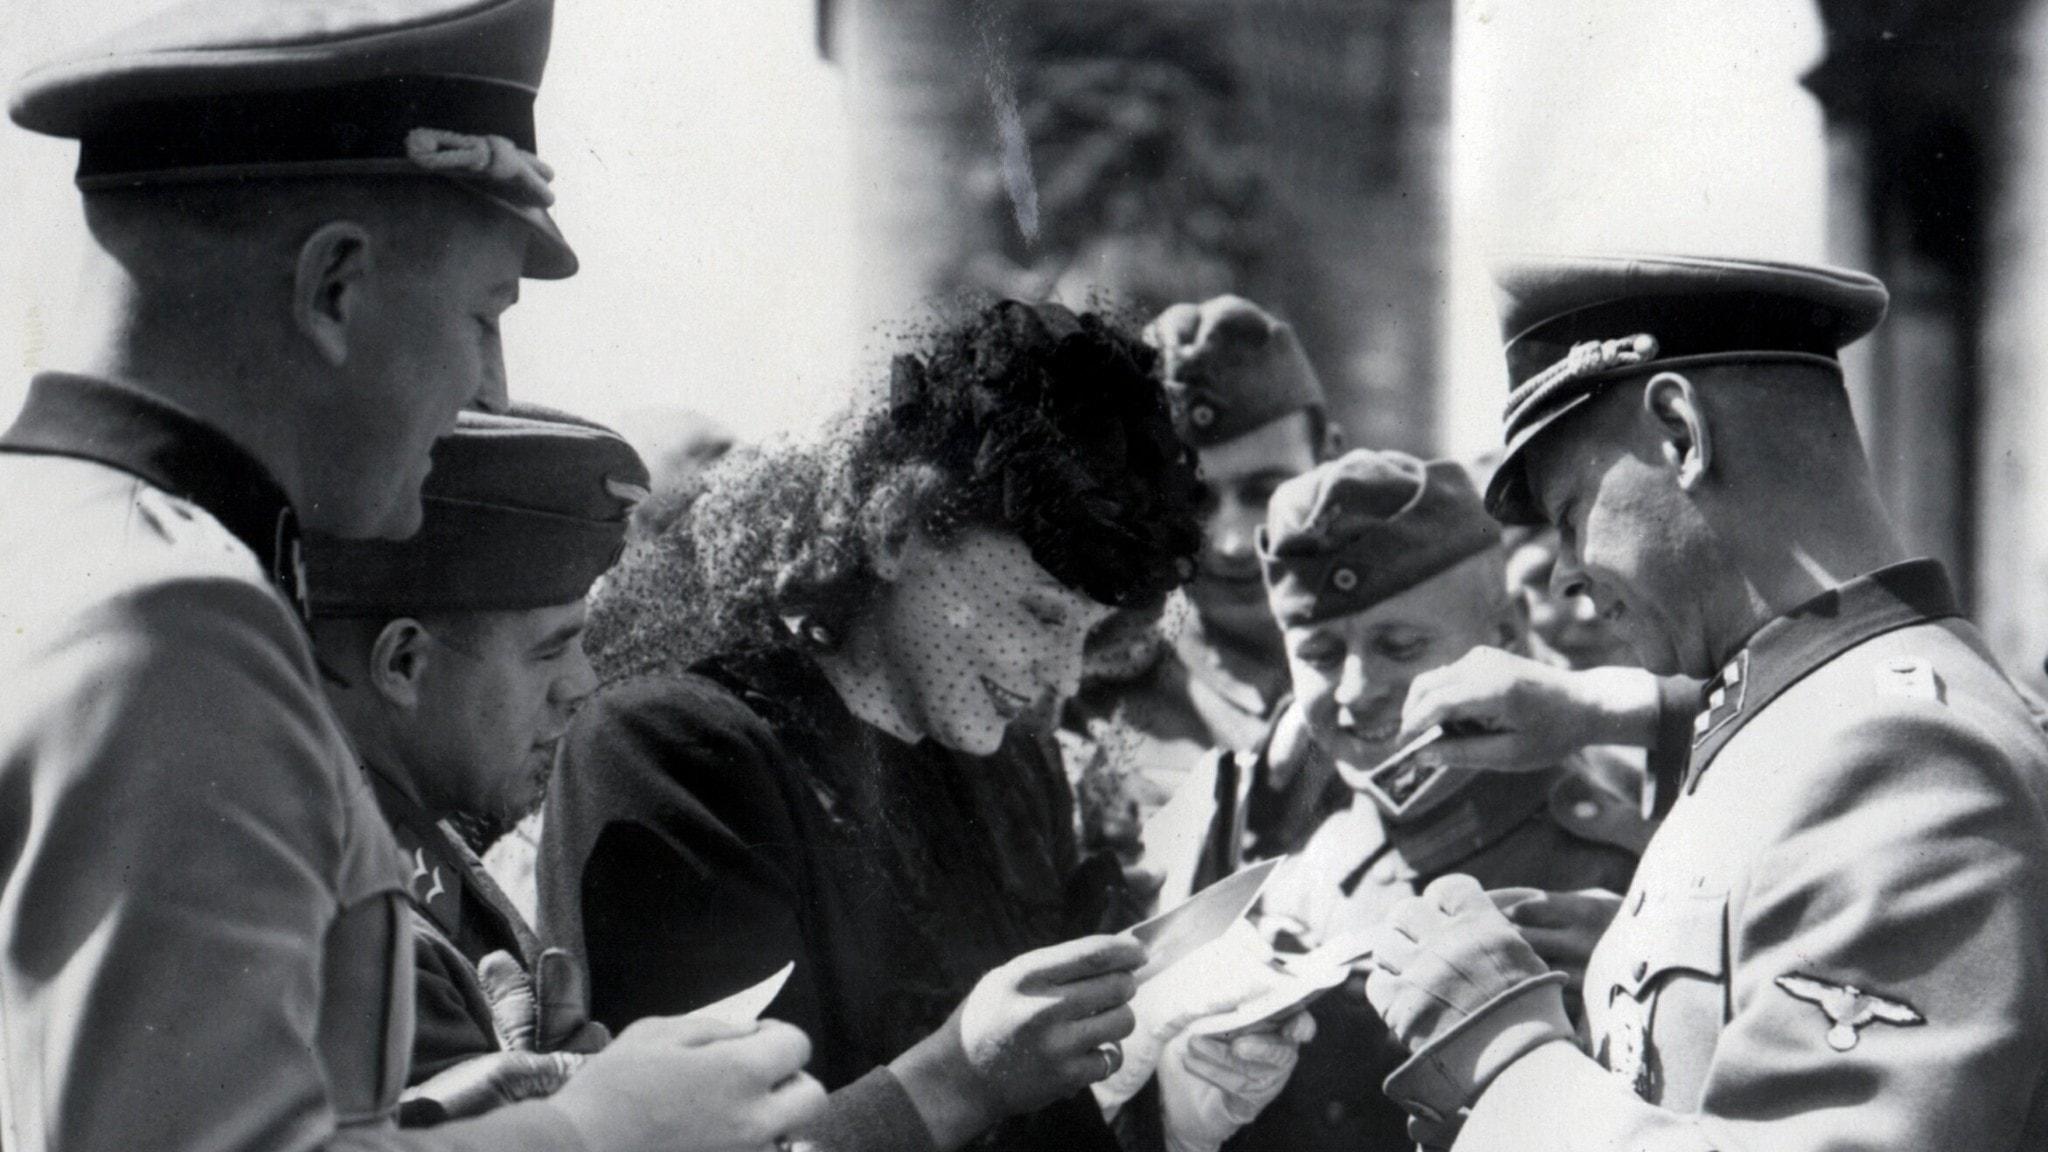 Zarah Leander, här skrivandes autografer till tyska officerare, är en av personerna vars museer kämpar med minne och glömska.